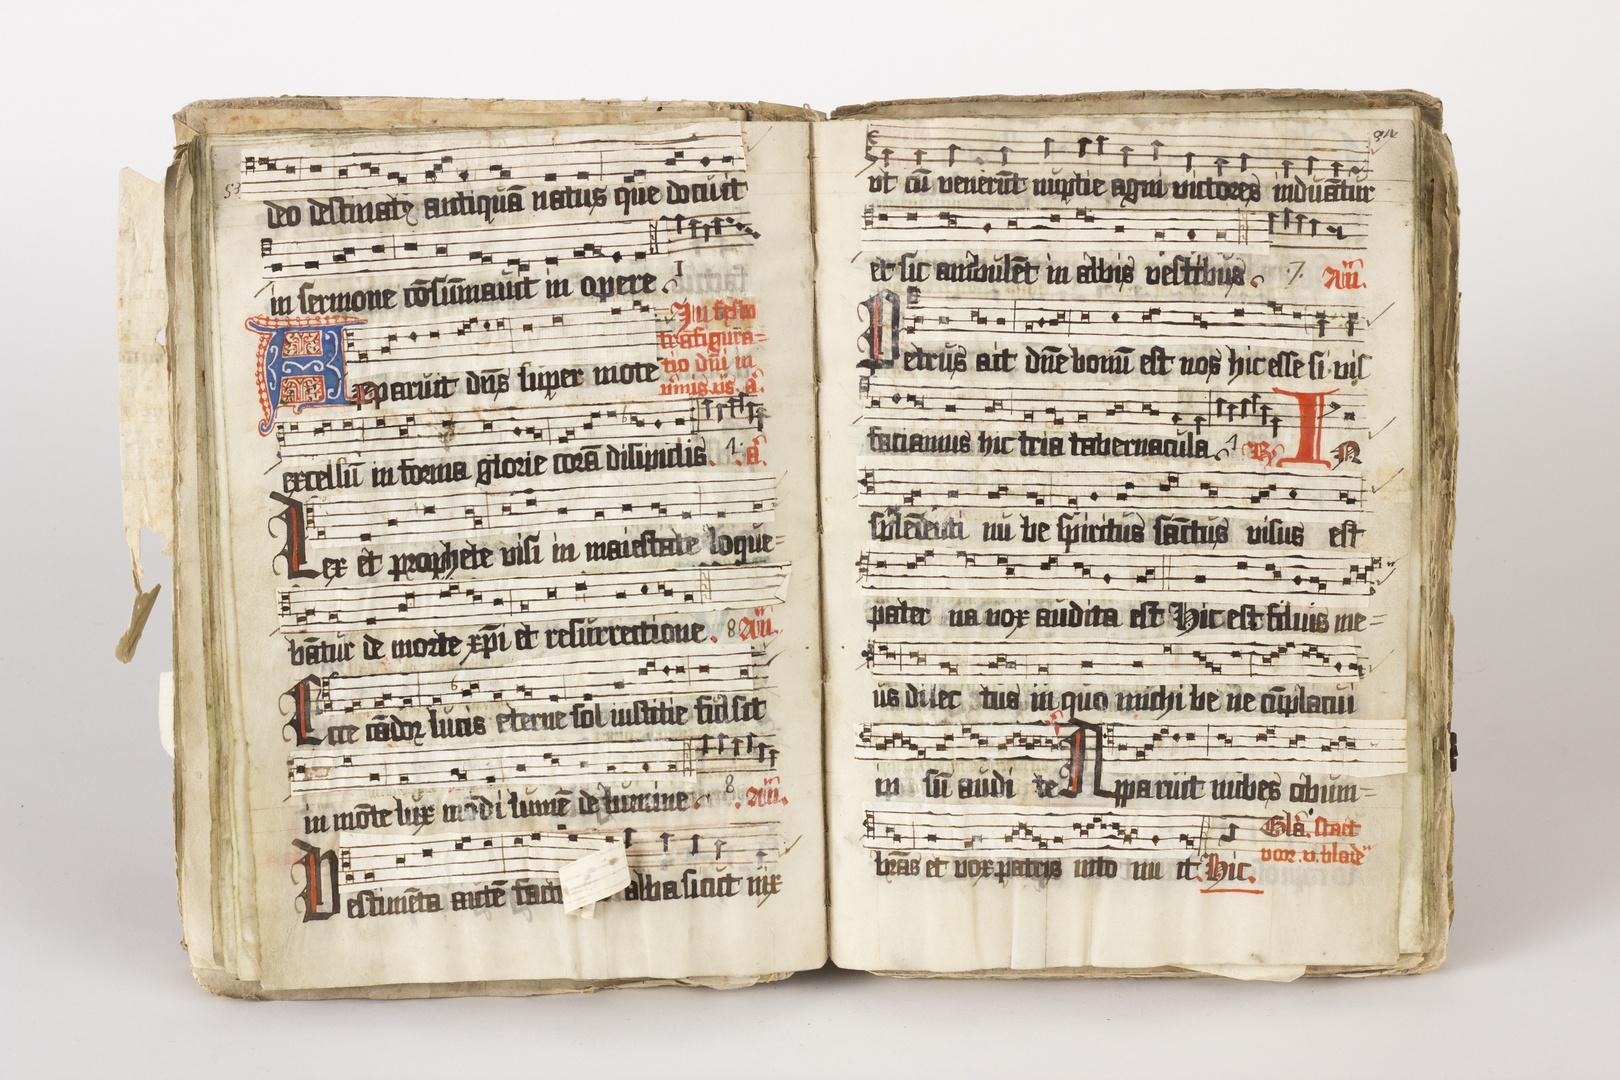 Muziekmanuscript